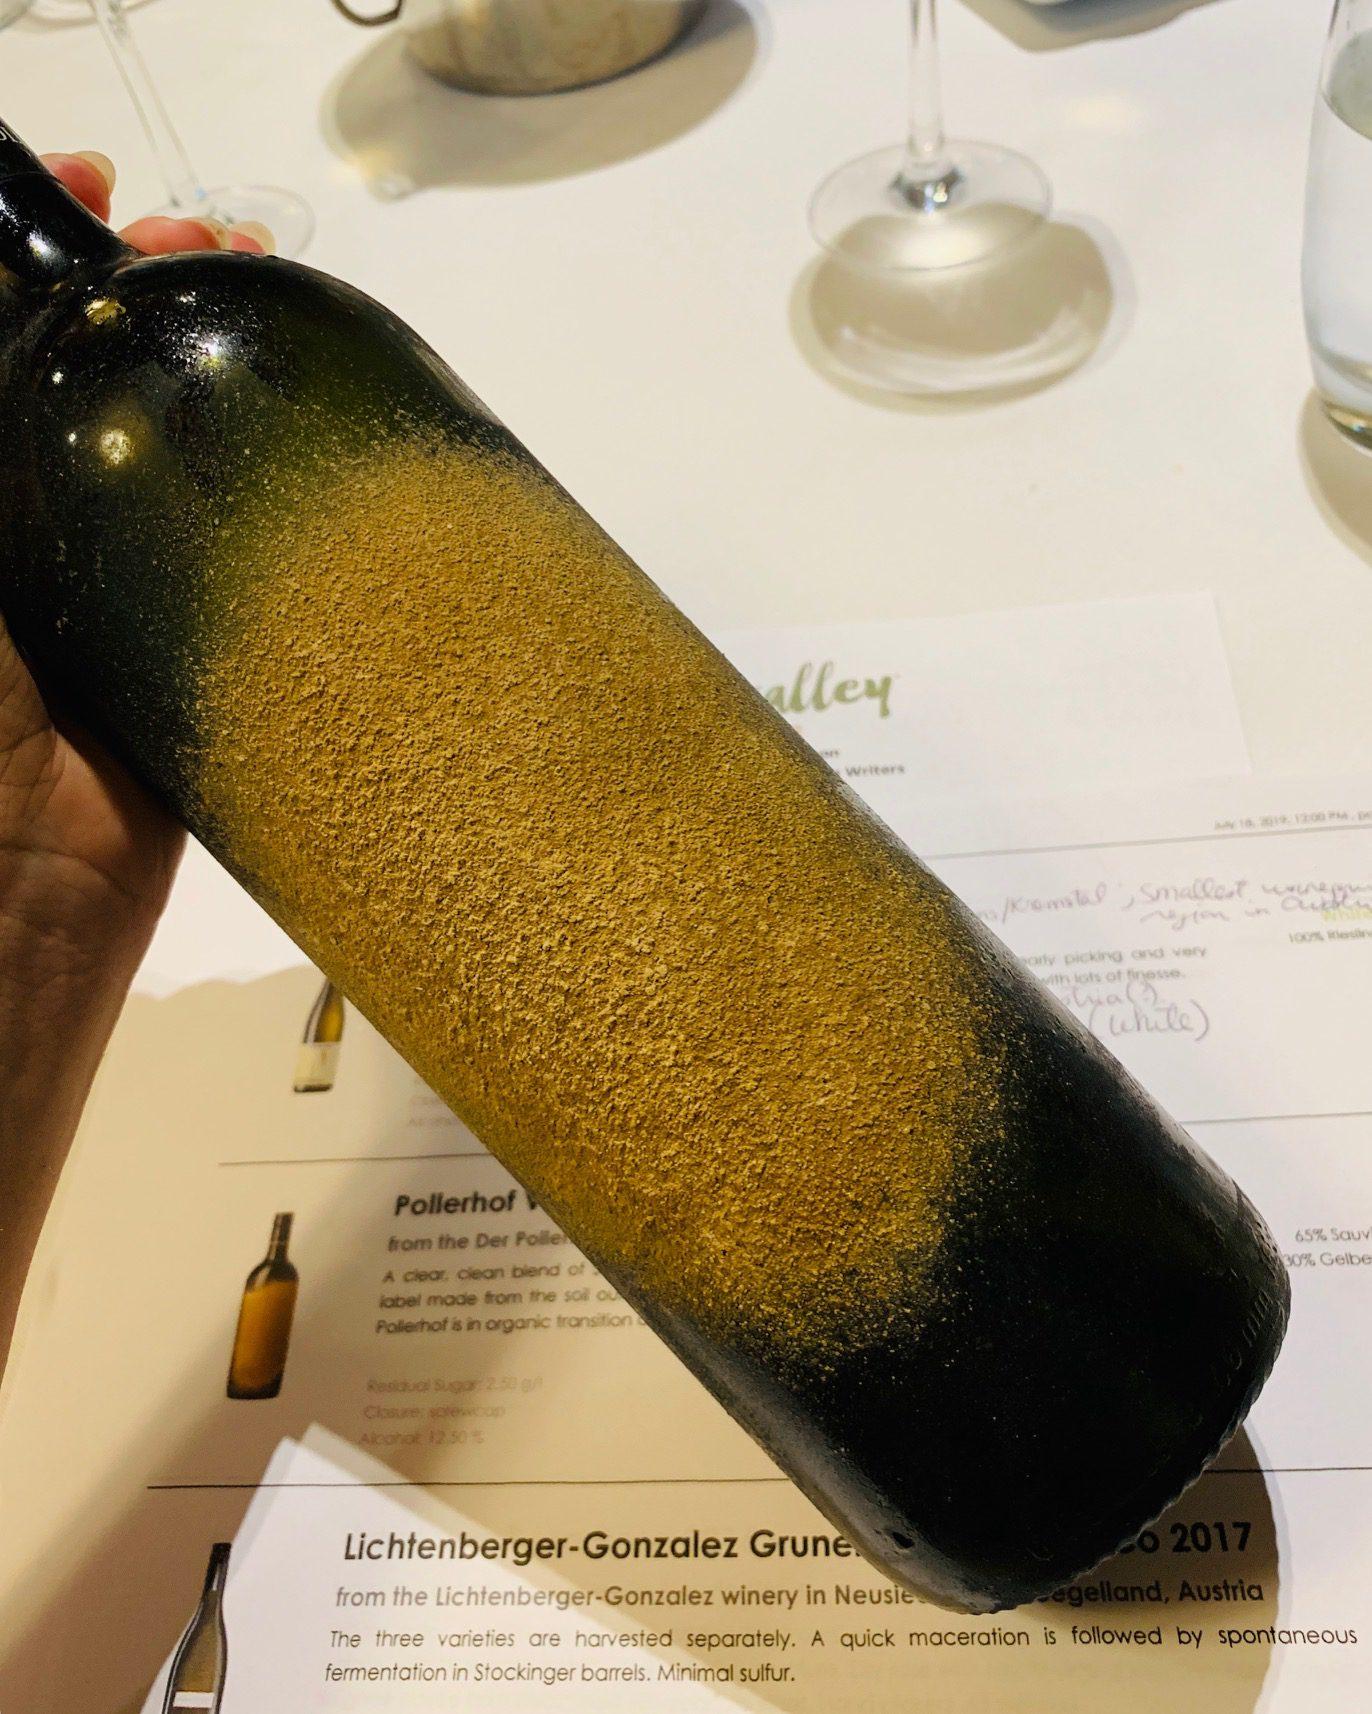 food and wine pairings Der Pollerhof Vom Loess 2017